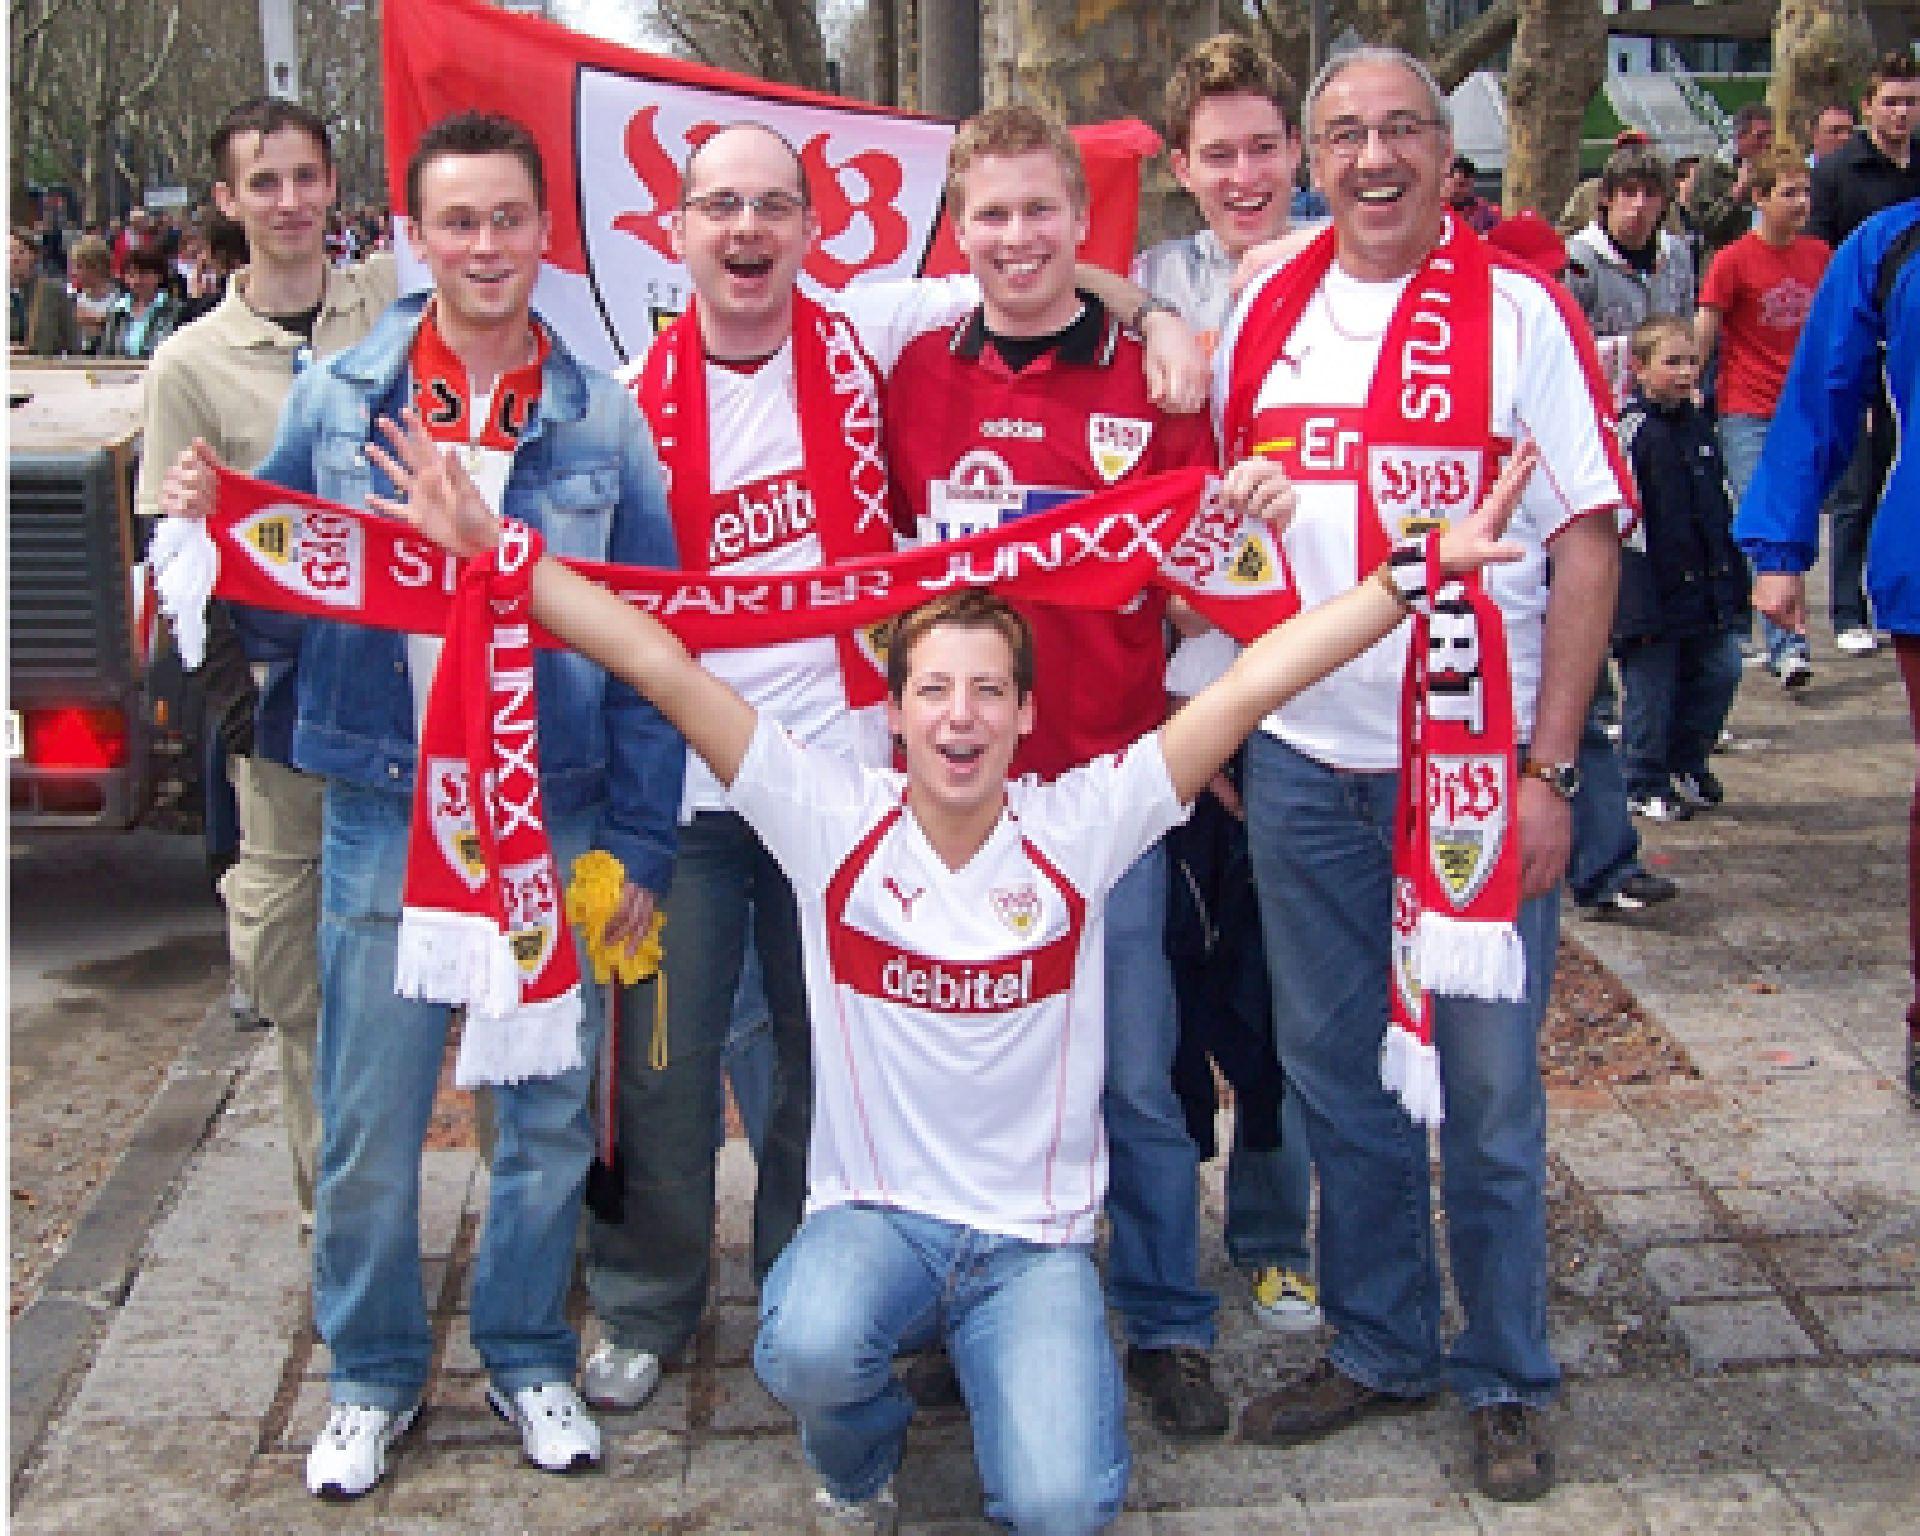 Schwul-lesbischer VfB-Fan-Club: Schwule Profis spielen ein